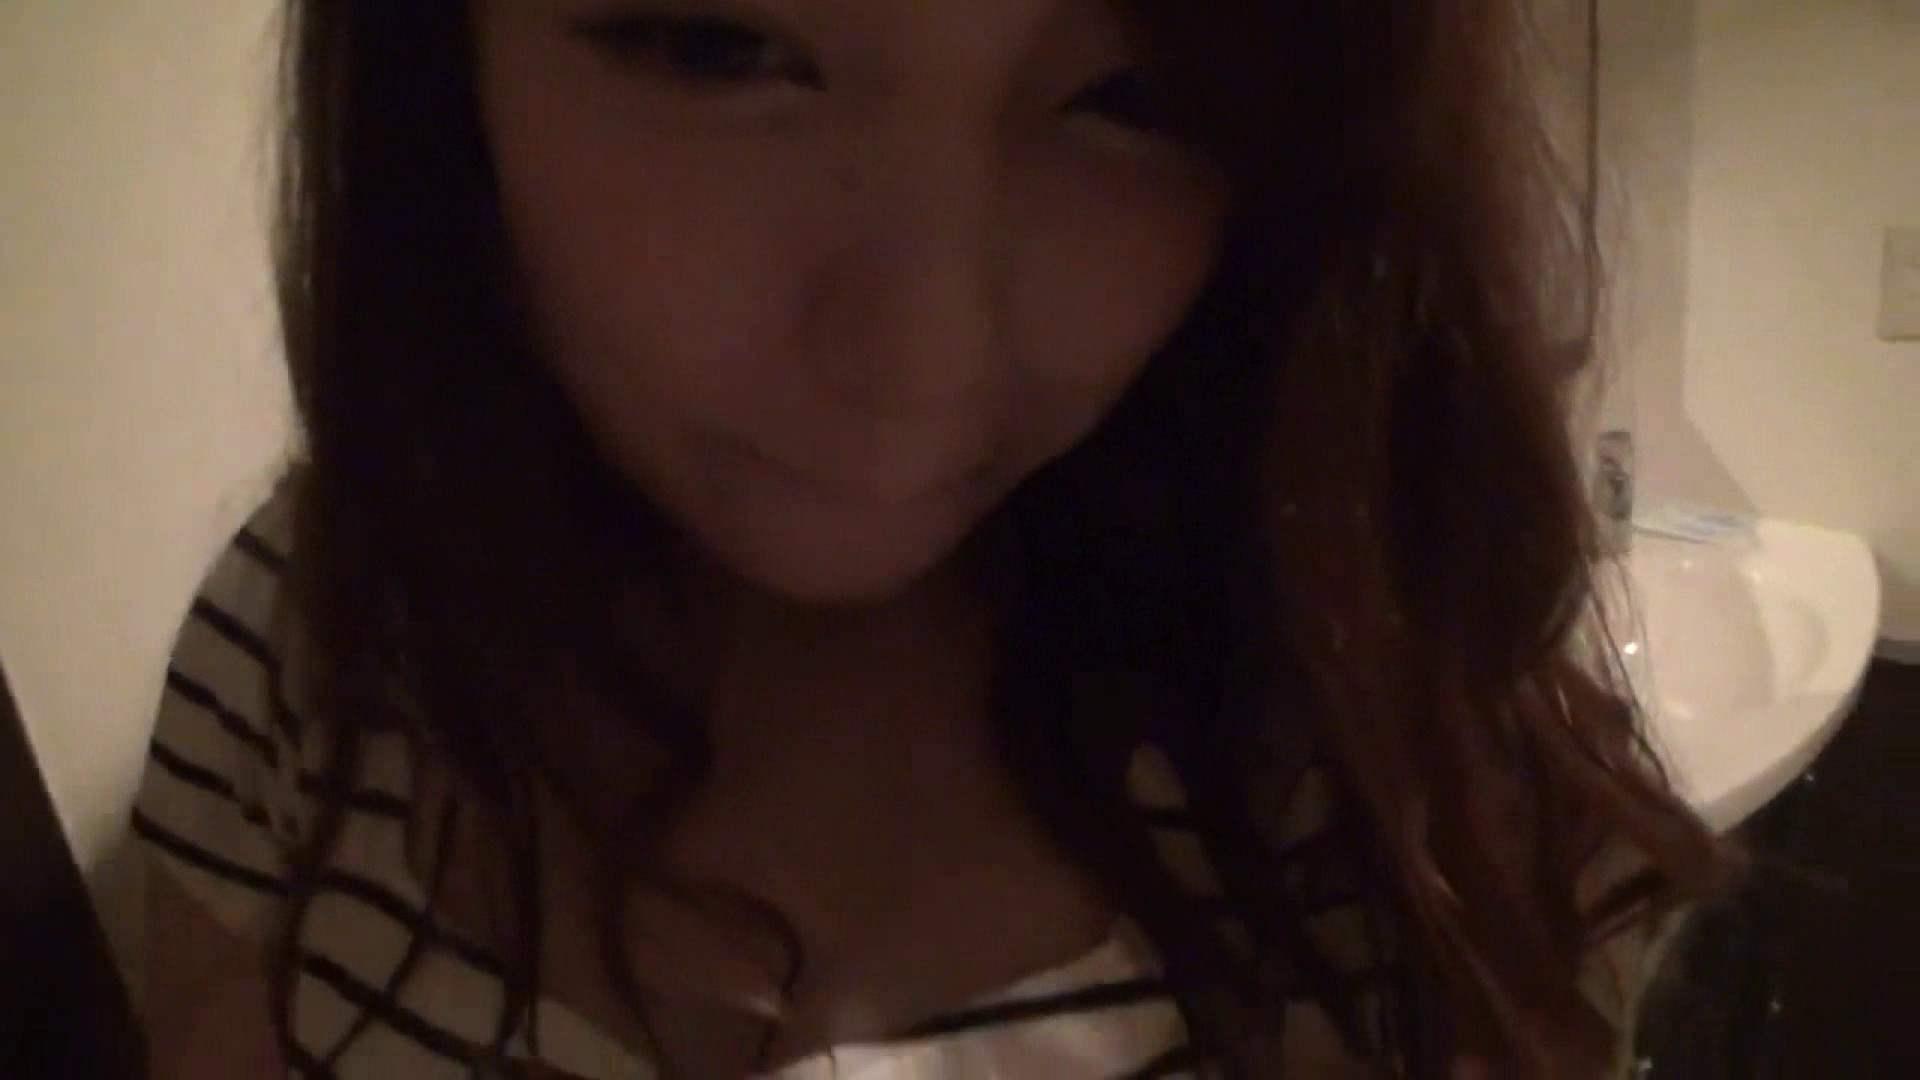 おしえてギャル子のH塾 Vol.37前編 エッチな人妻 | おっぱい特集  104pic 15